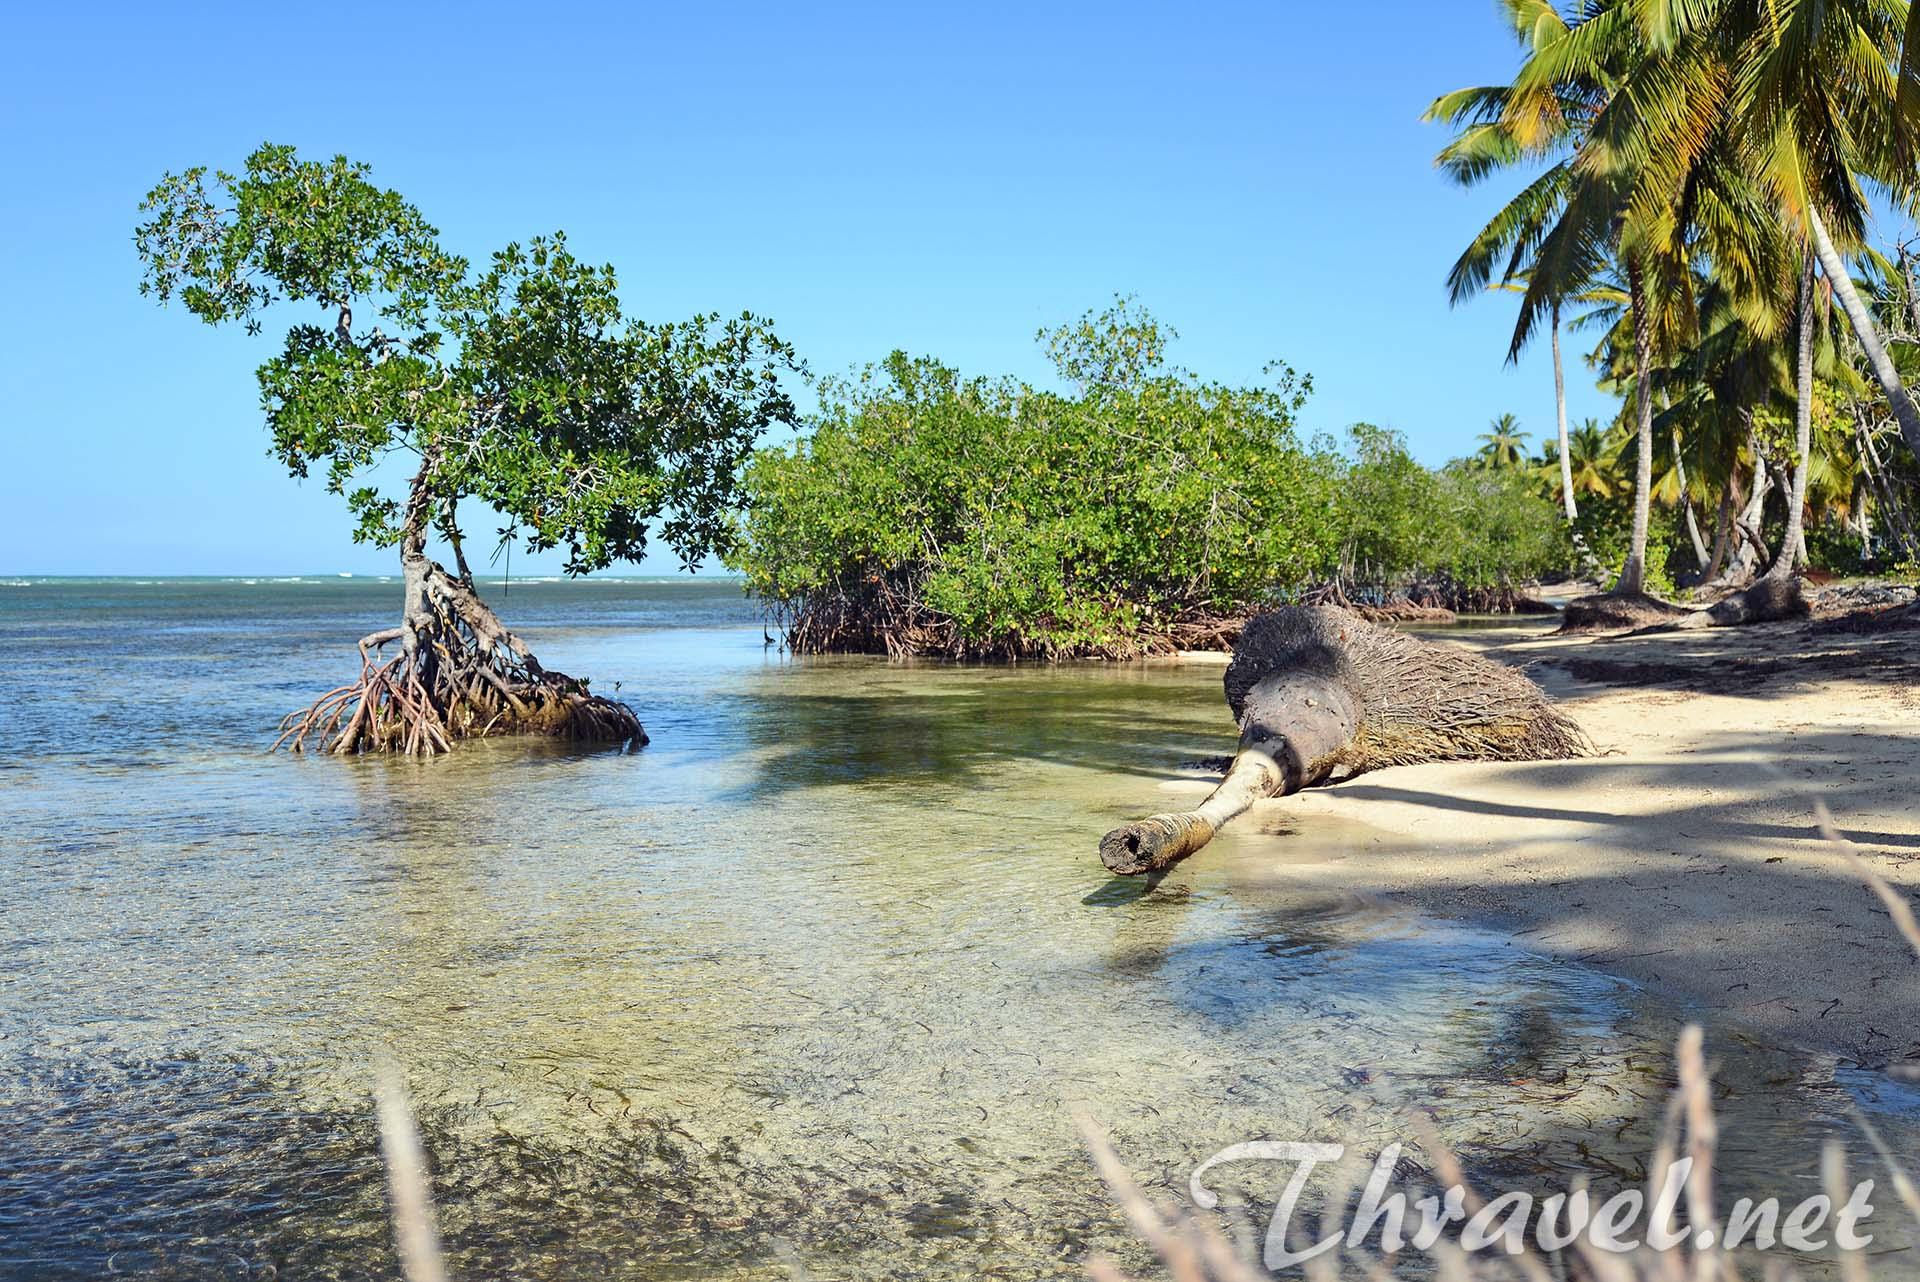 grand-bahia-principe-mangrove-trees